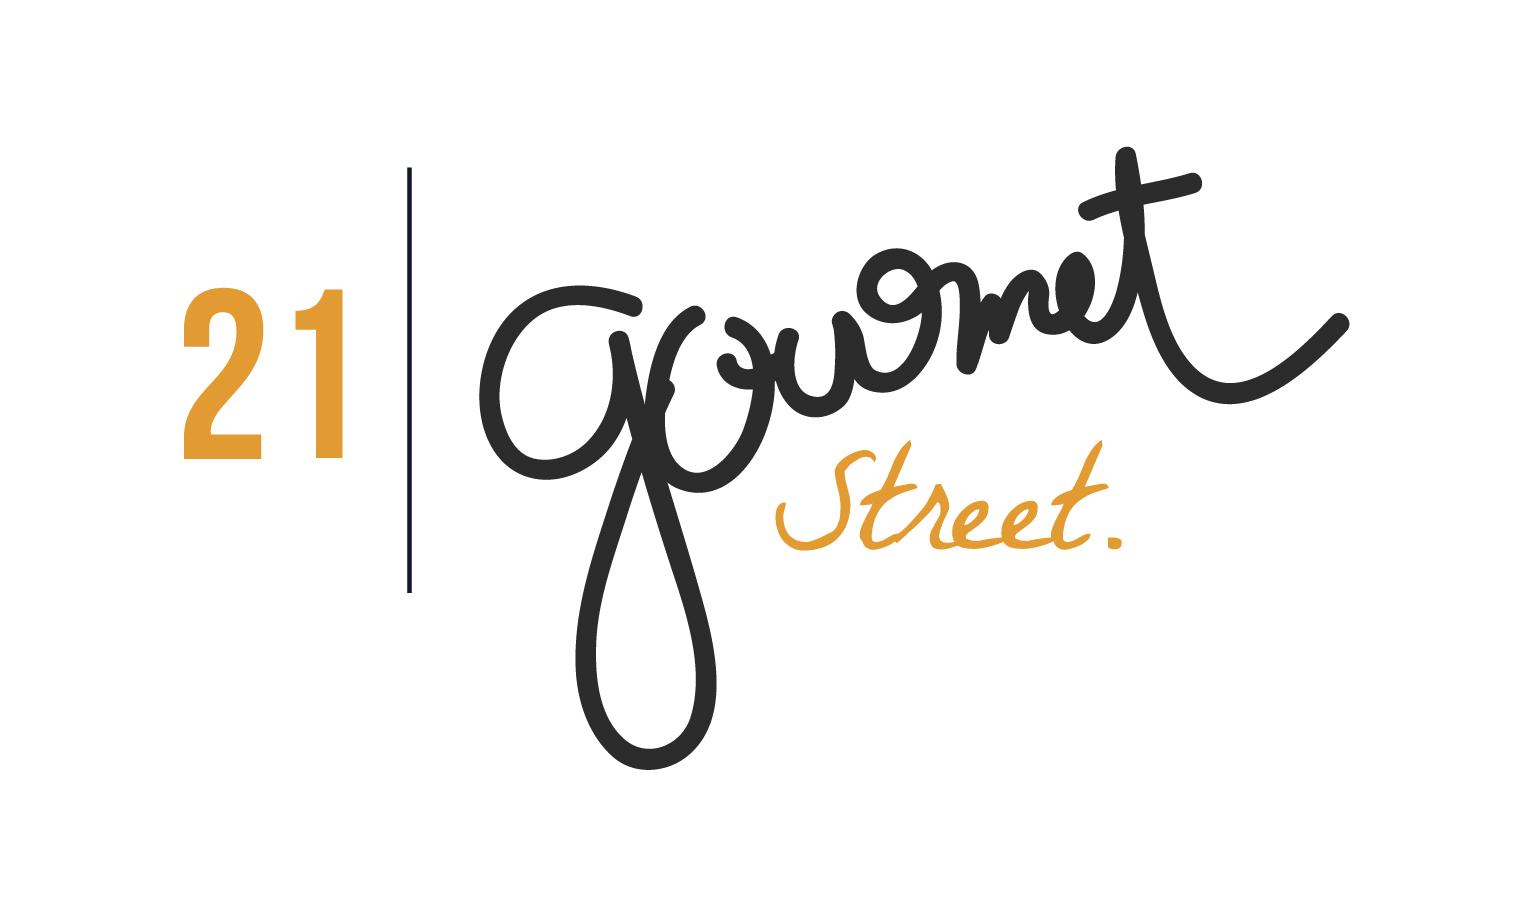 21Gourmet Street